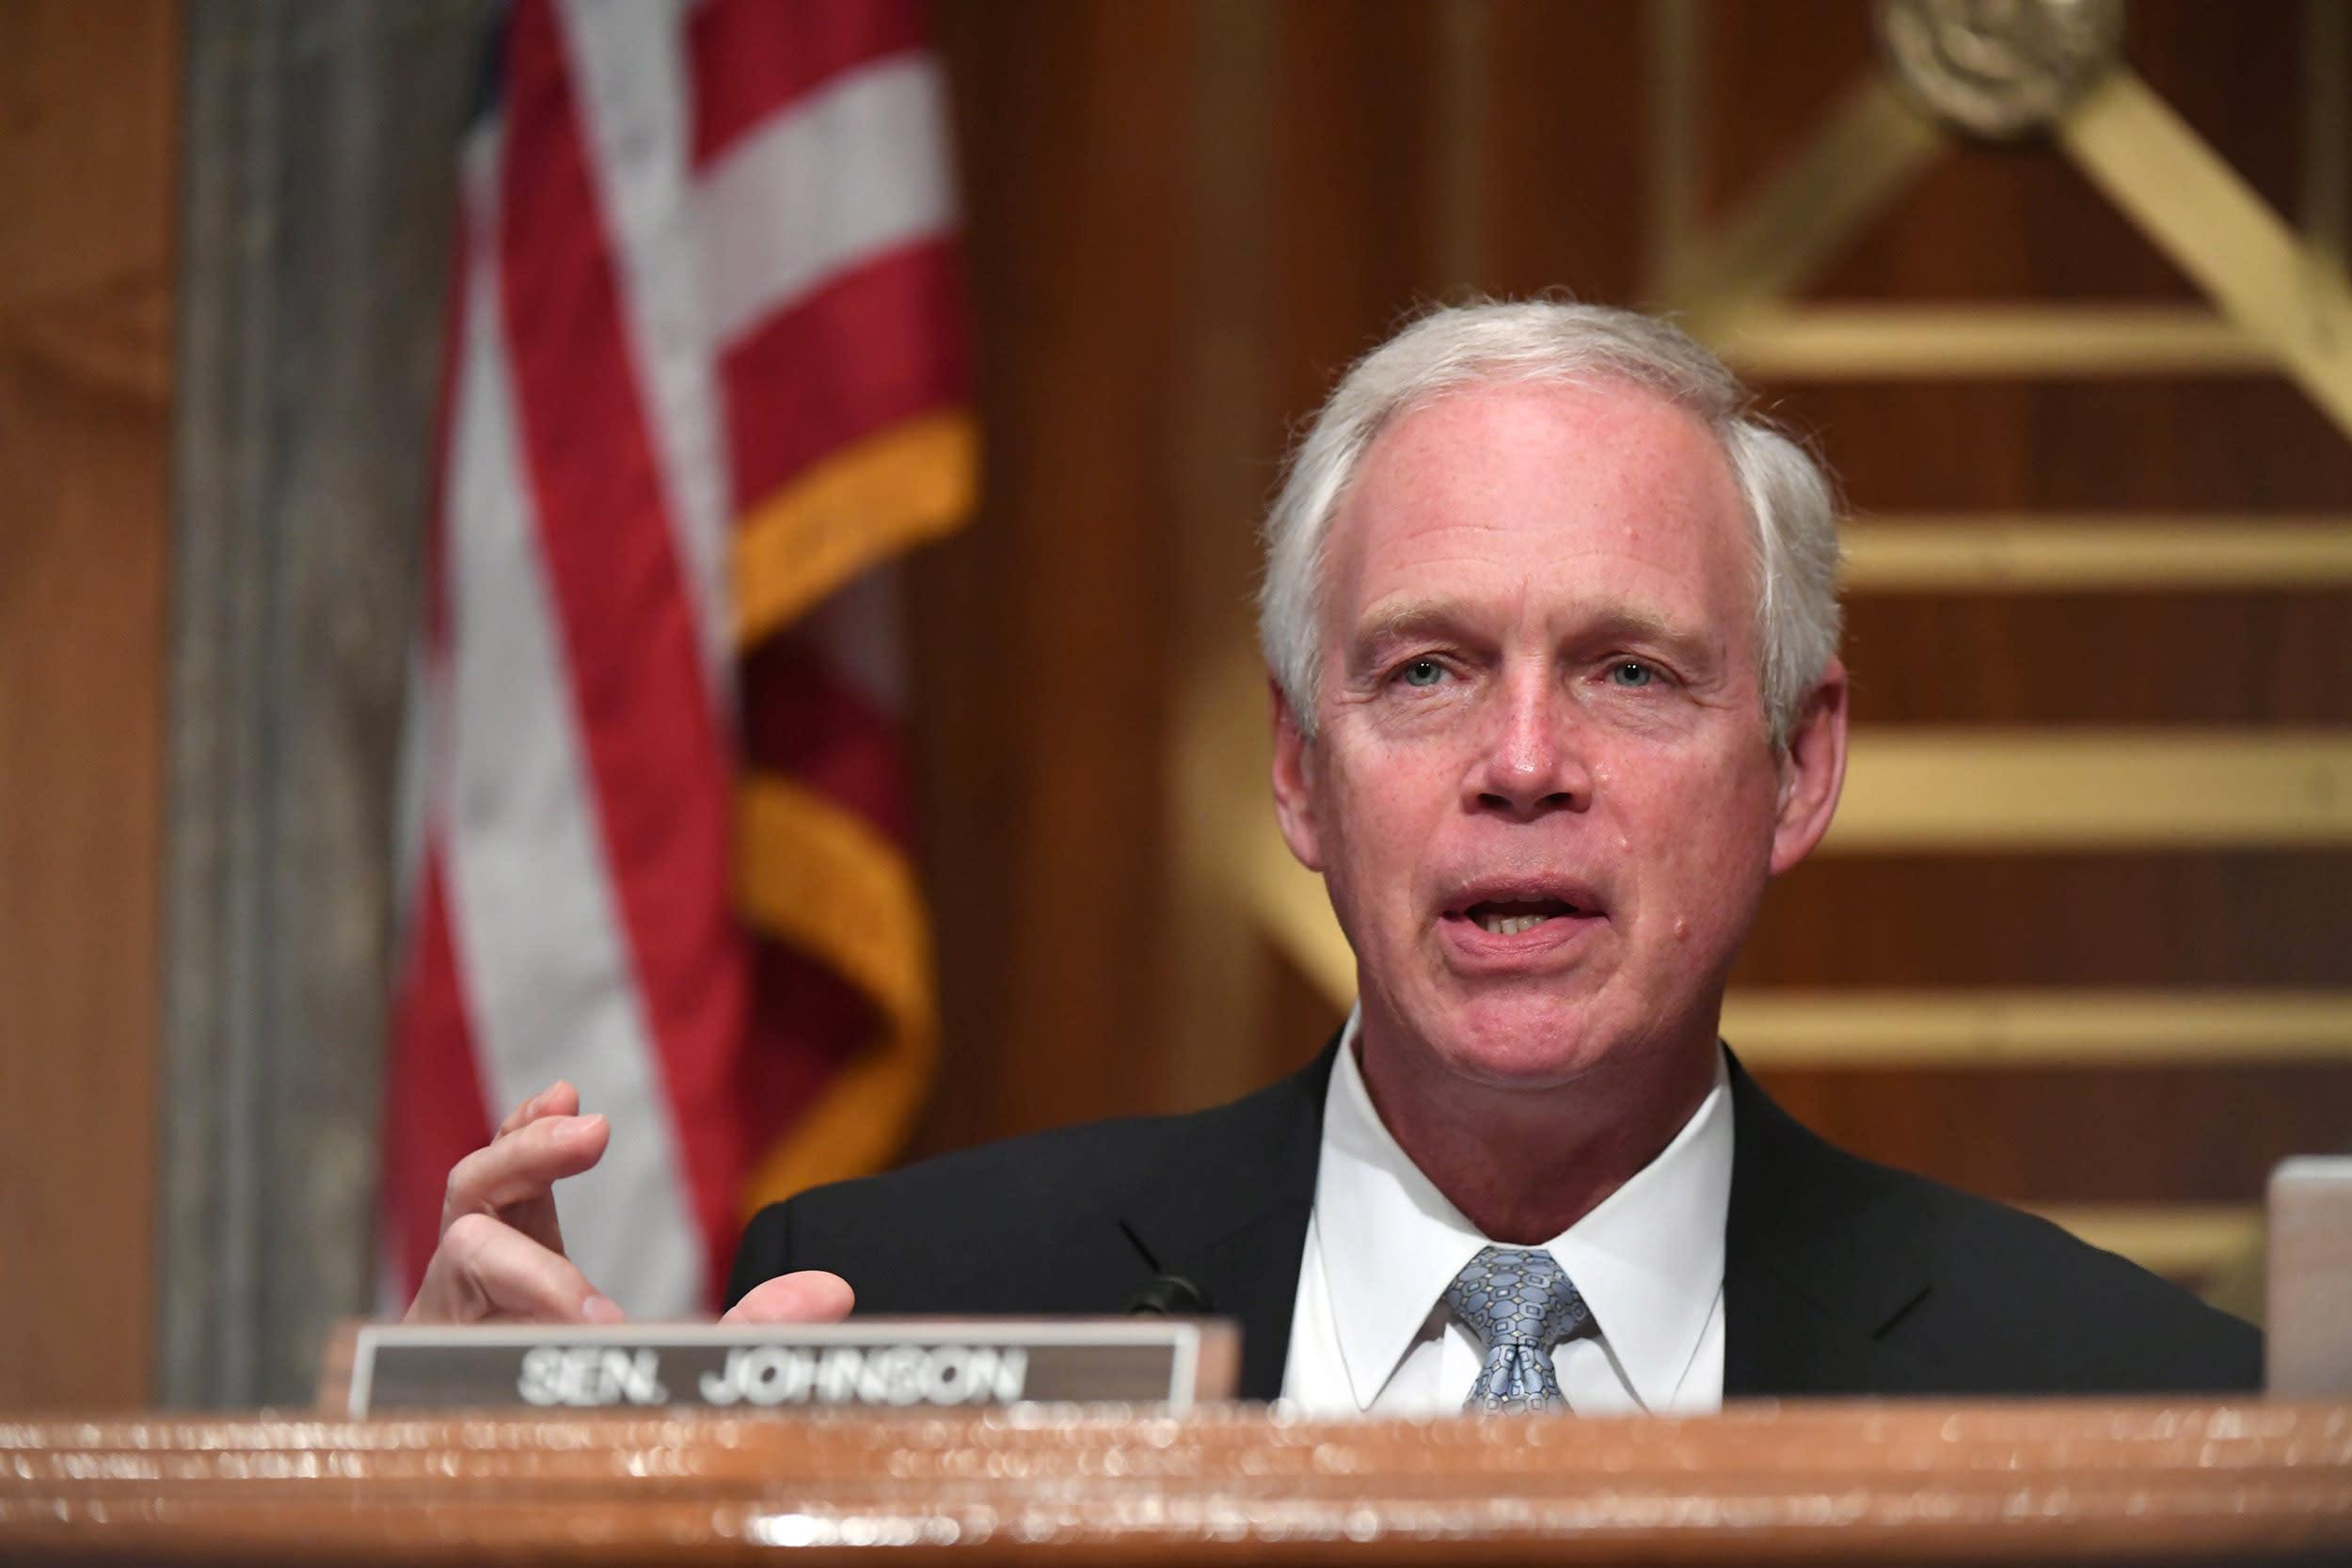 Hunter Biden role 'awkward' but incidental, Senate says